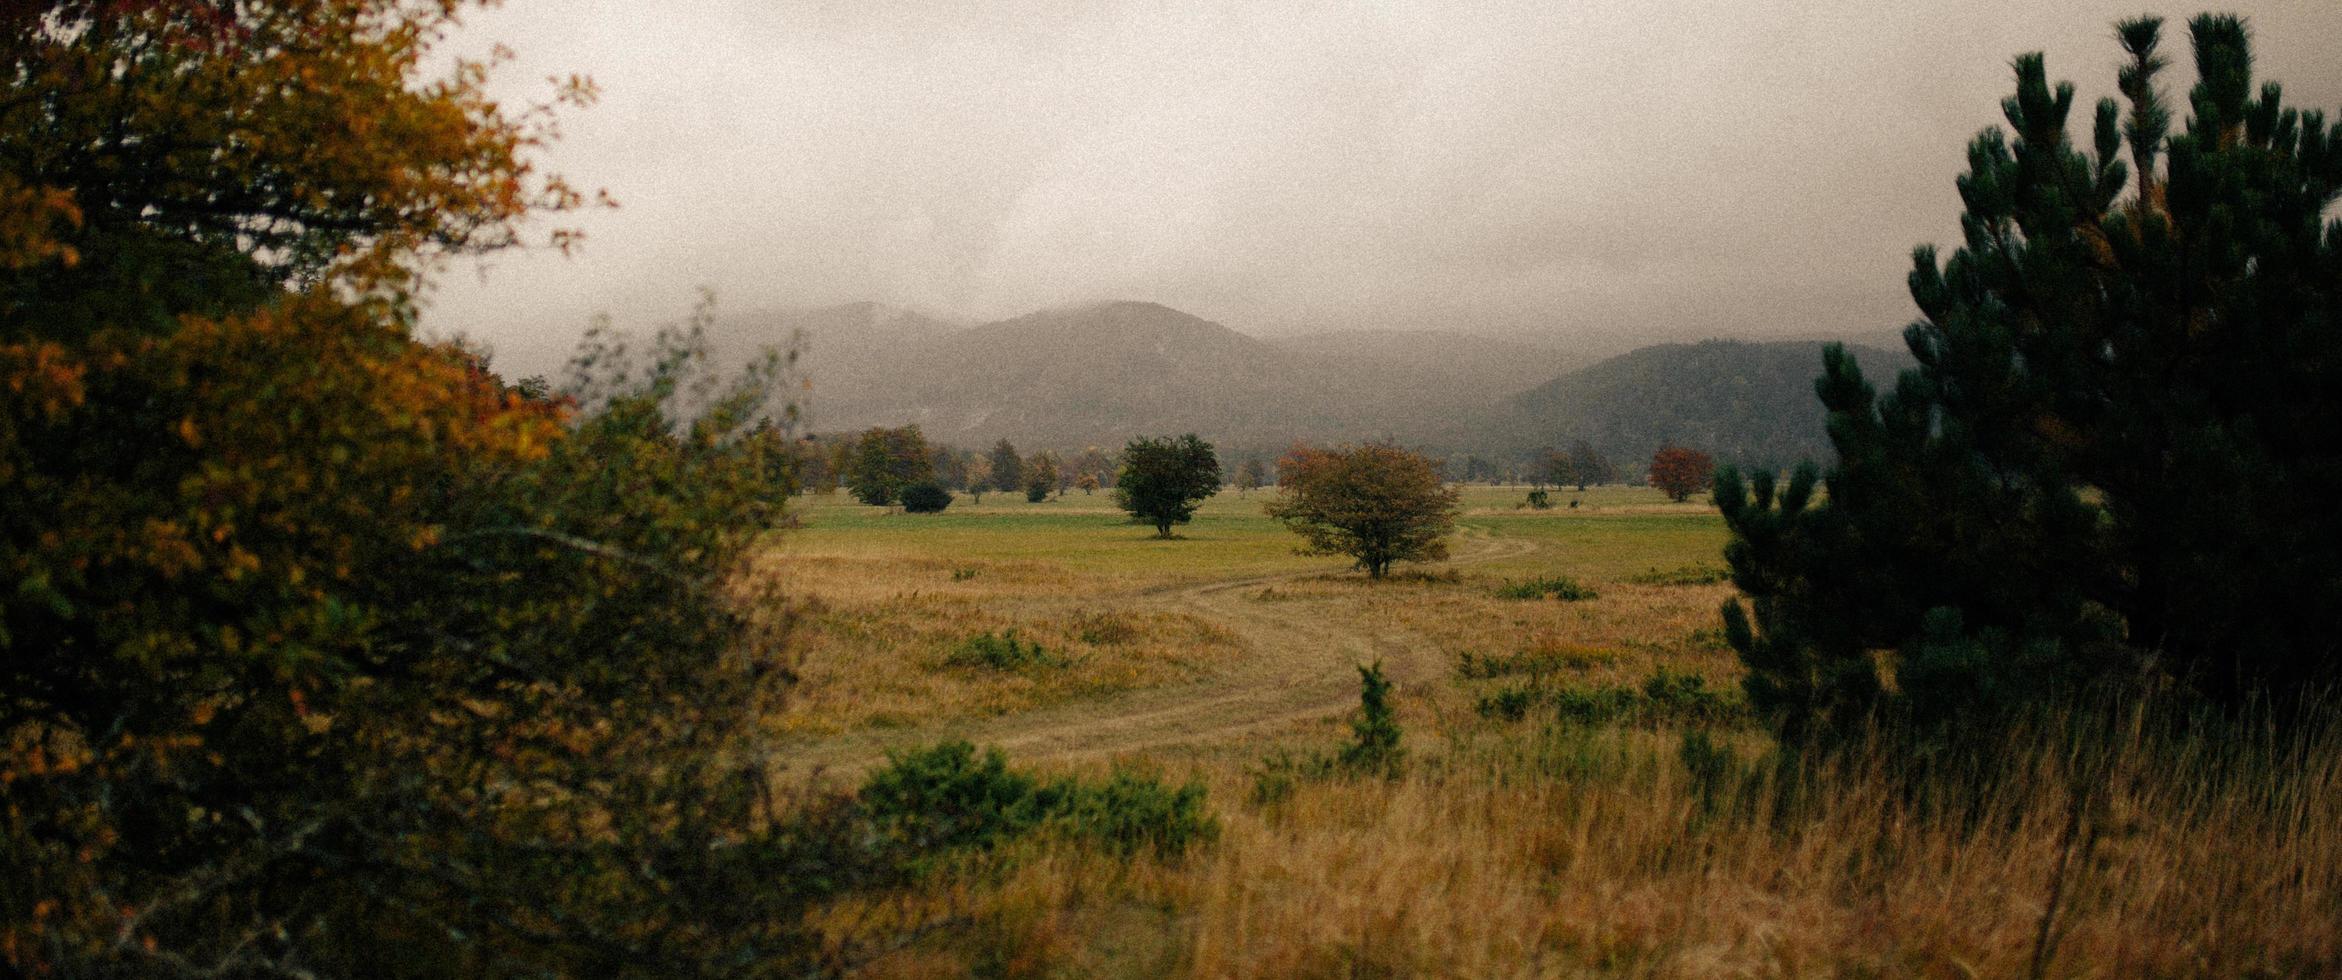 vista nebbiosa del campo in erba foto